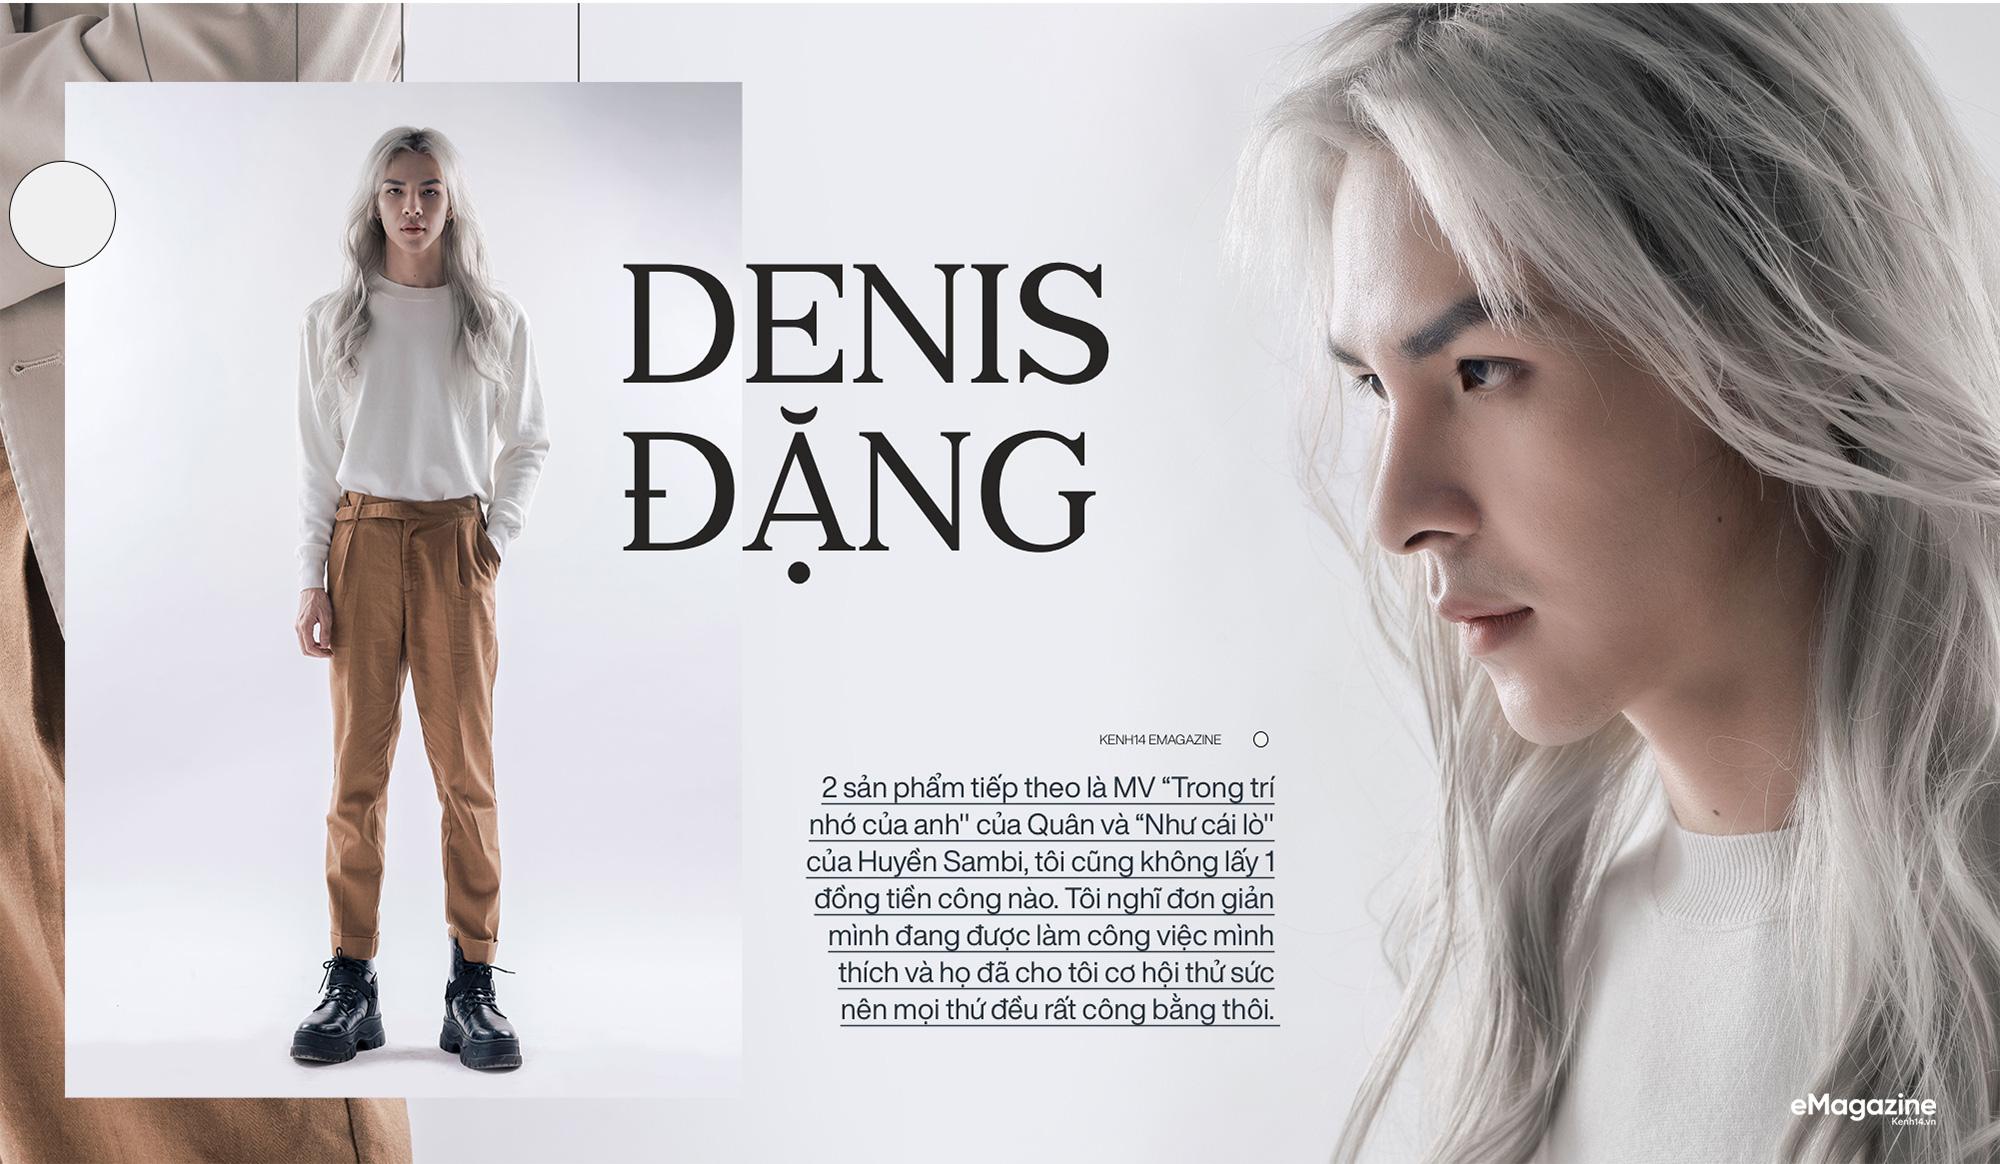 """Denis Đặng: Là """"giám đốc sáng tạo hay """"đạo cụ sân khấu cũng được, chỉ cần được sống với đam mê - Ảnh 6."""